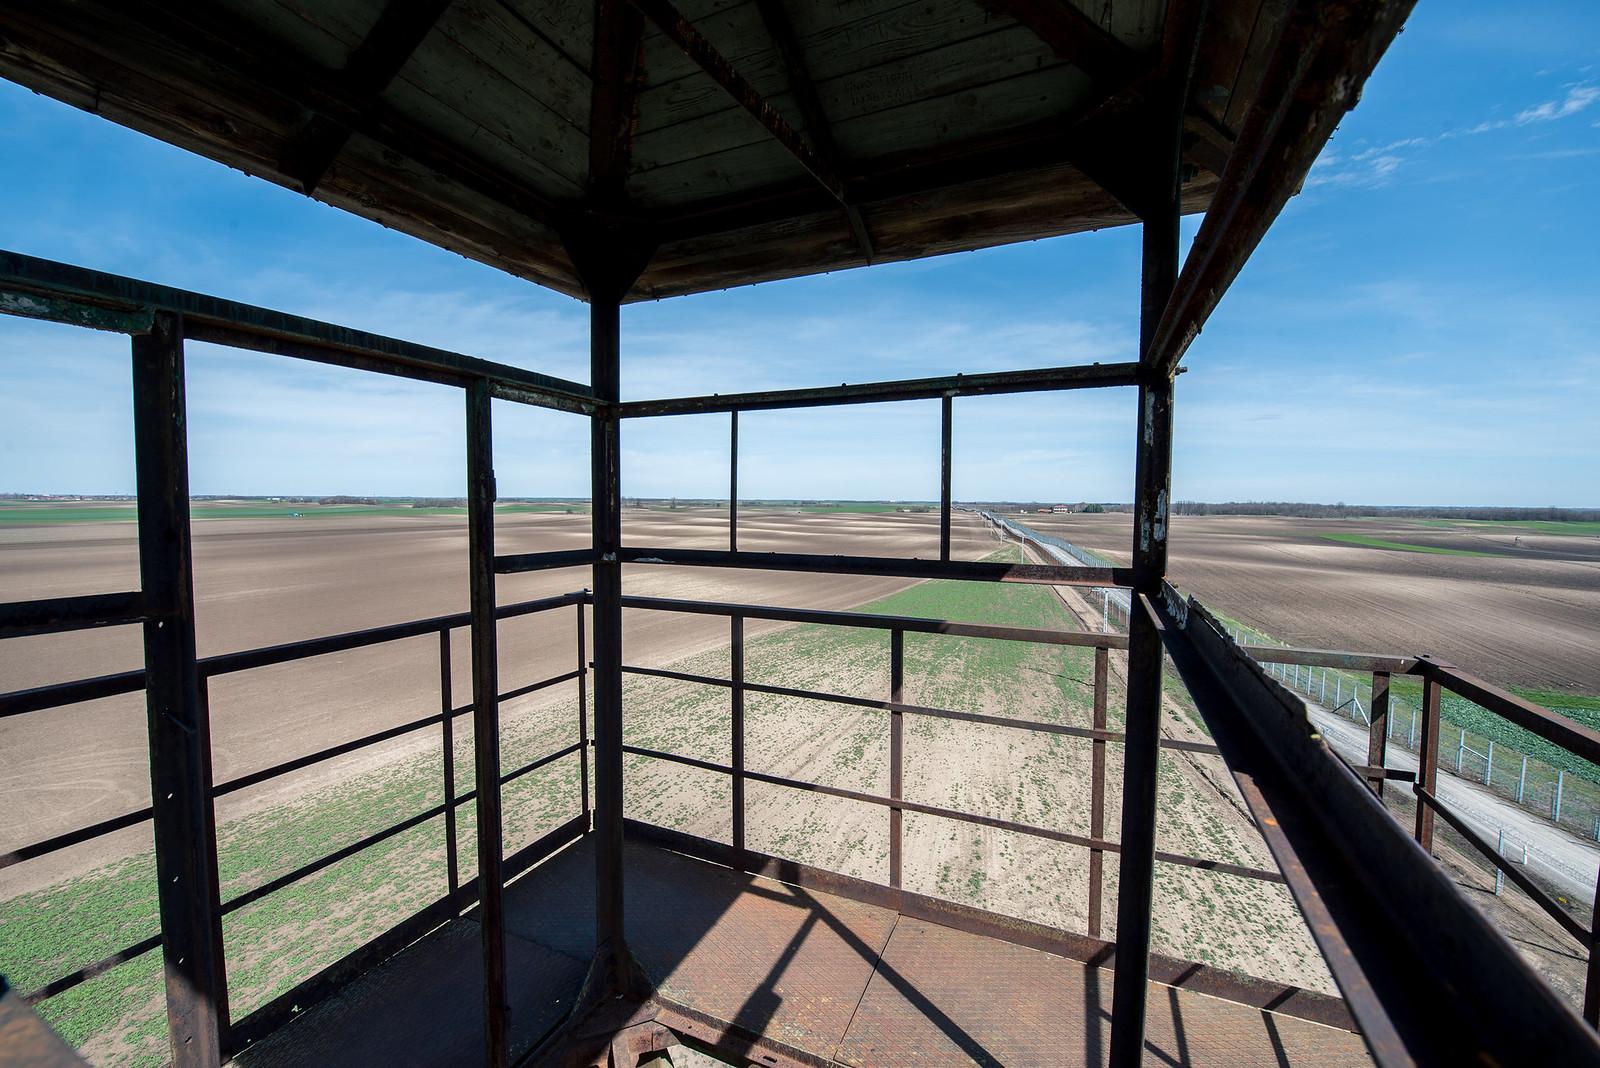 Egyetlen egy nap alatt több, mint 300 bevándorló jutott be Csongrád-Csanád megyébe